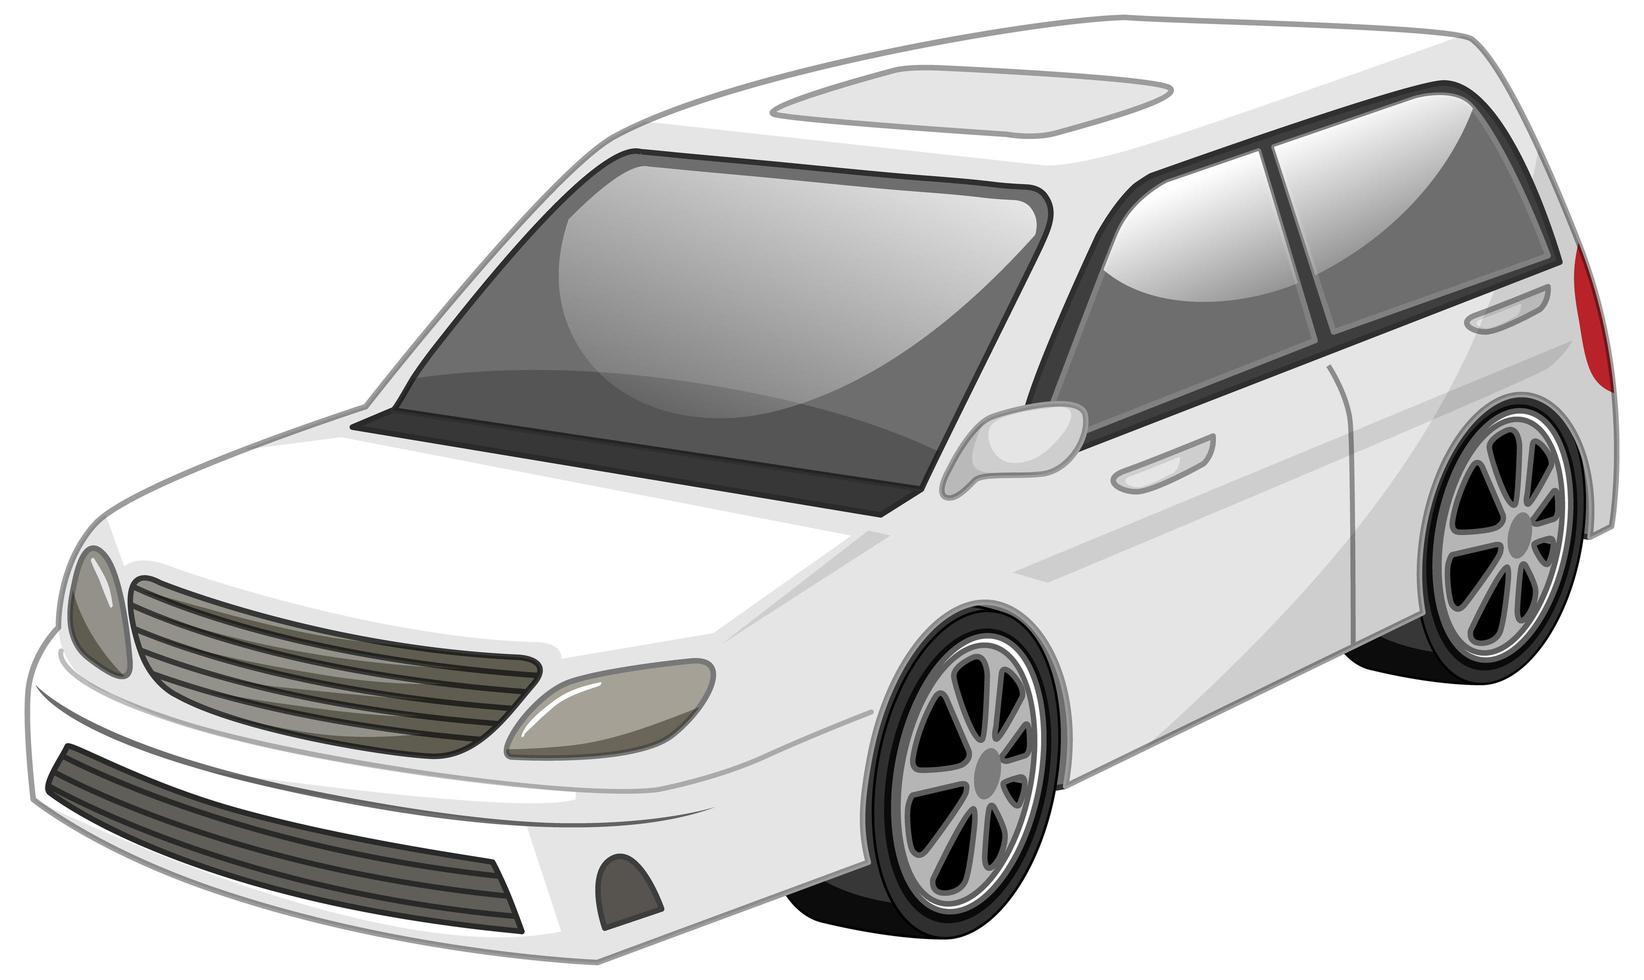 White car cartoon style isolated vector